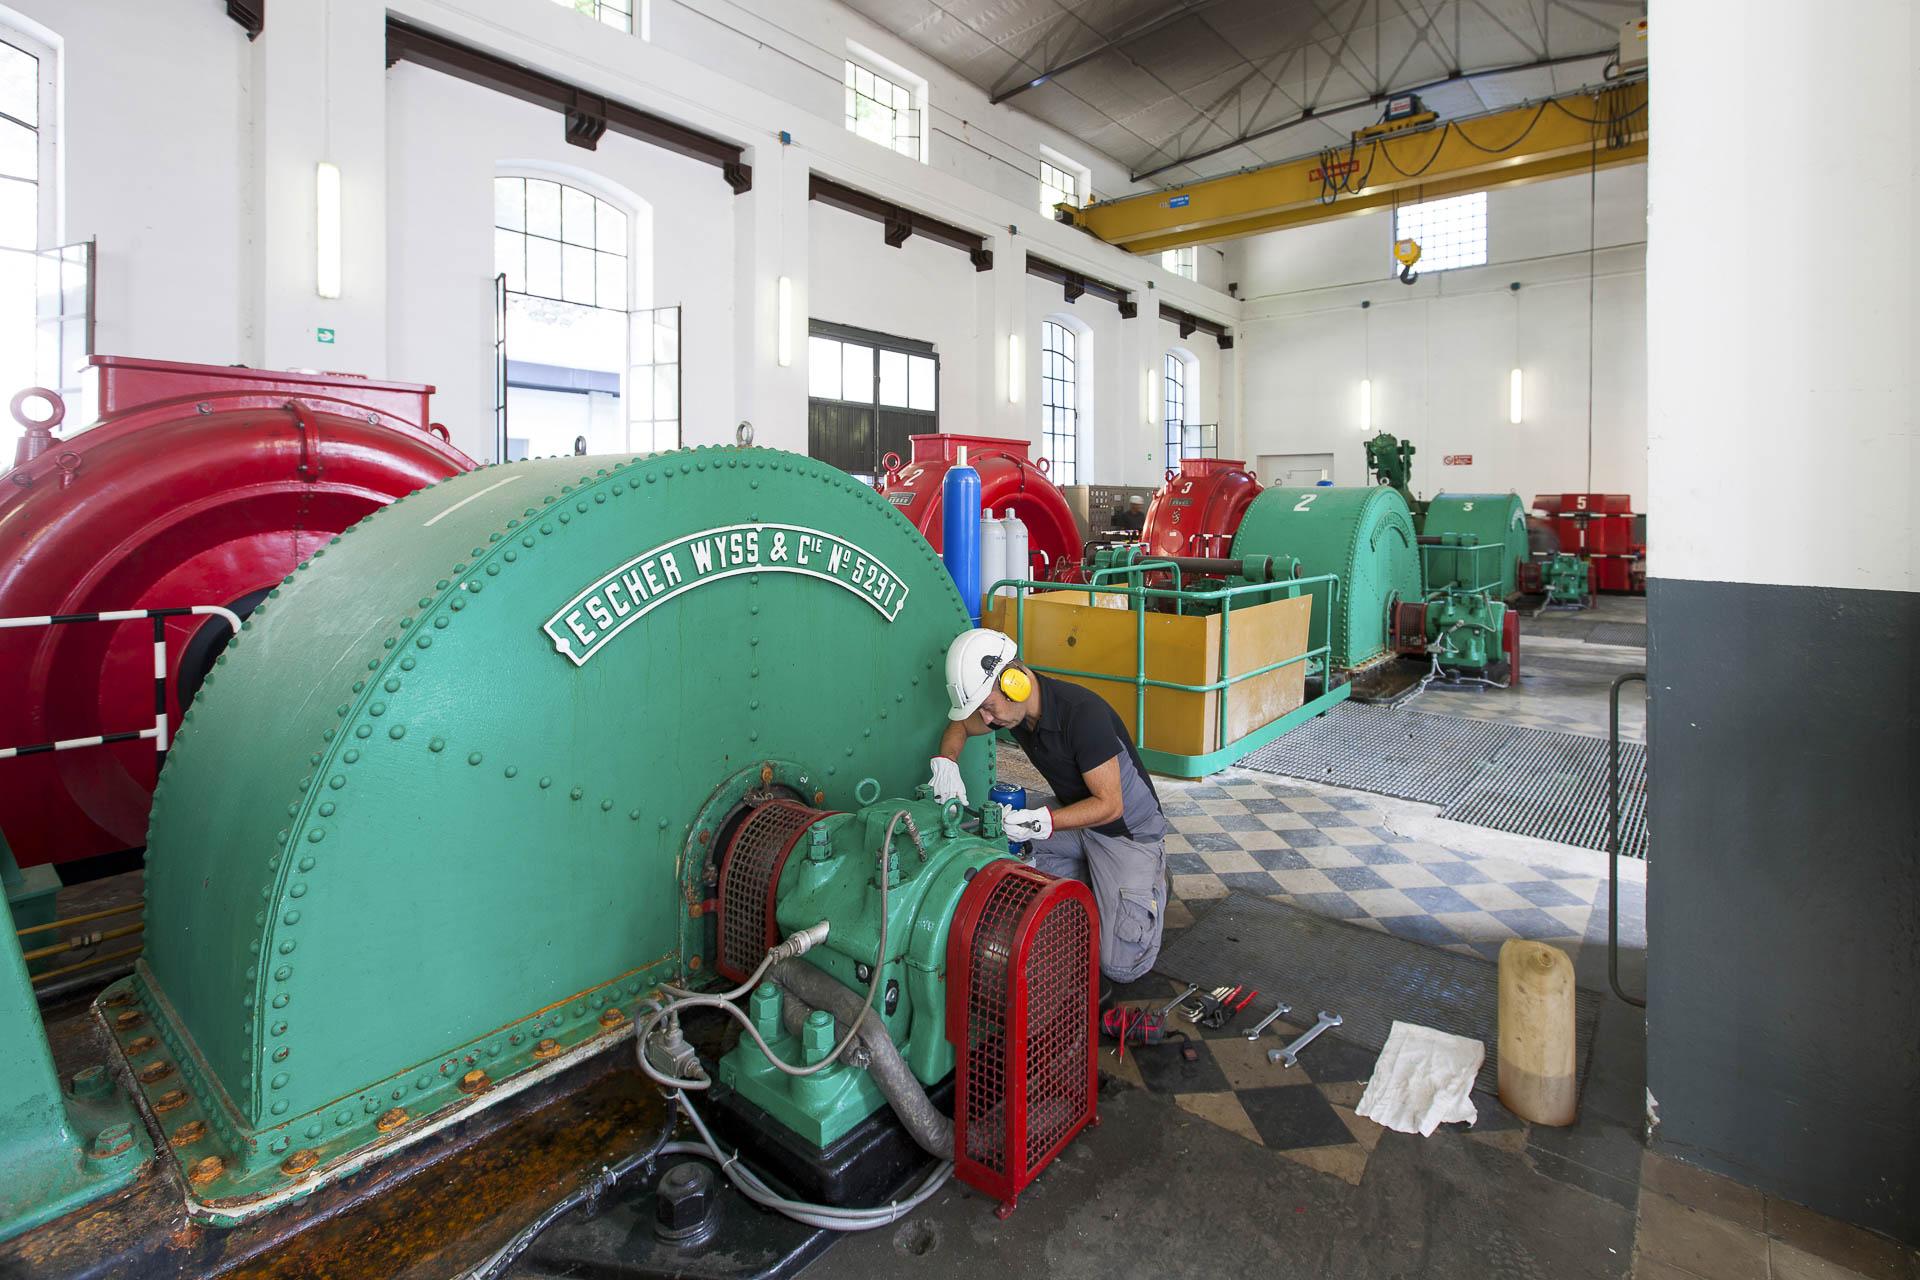 Centrale idroelettrica di Verres centro produzione energia verde rinnovabile CVA